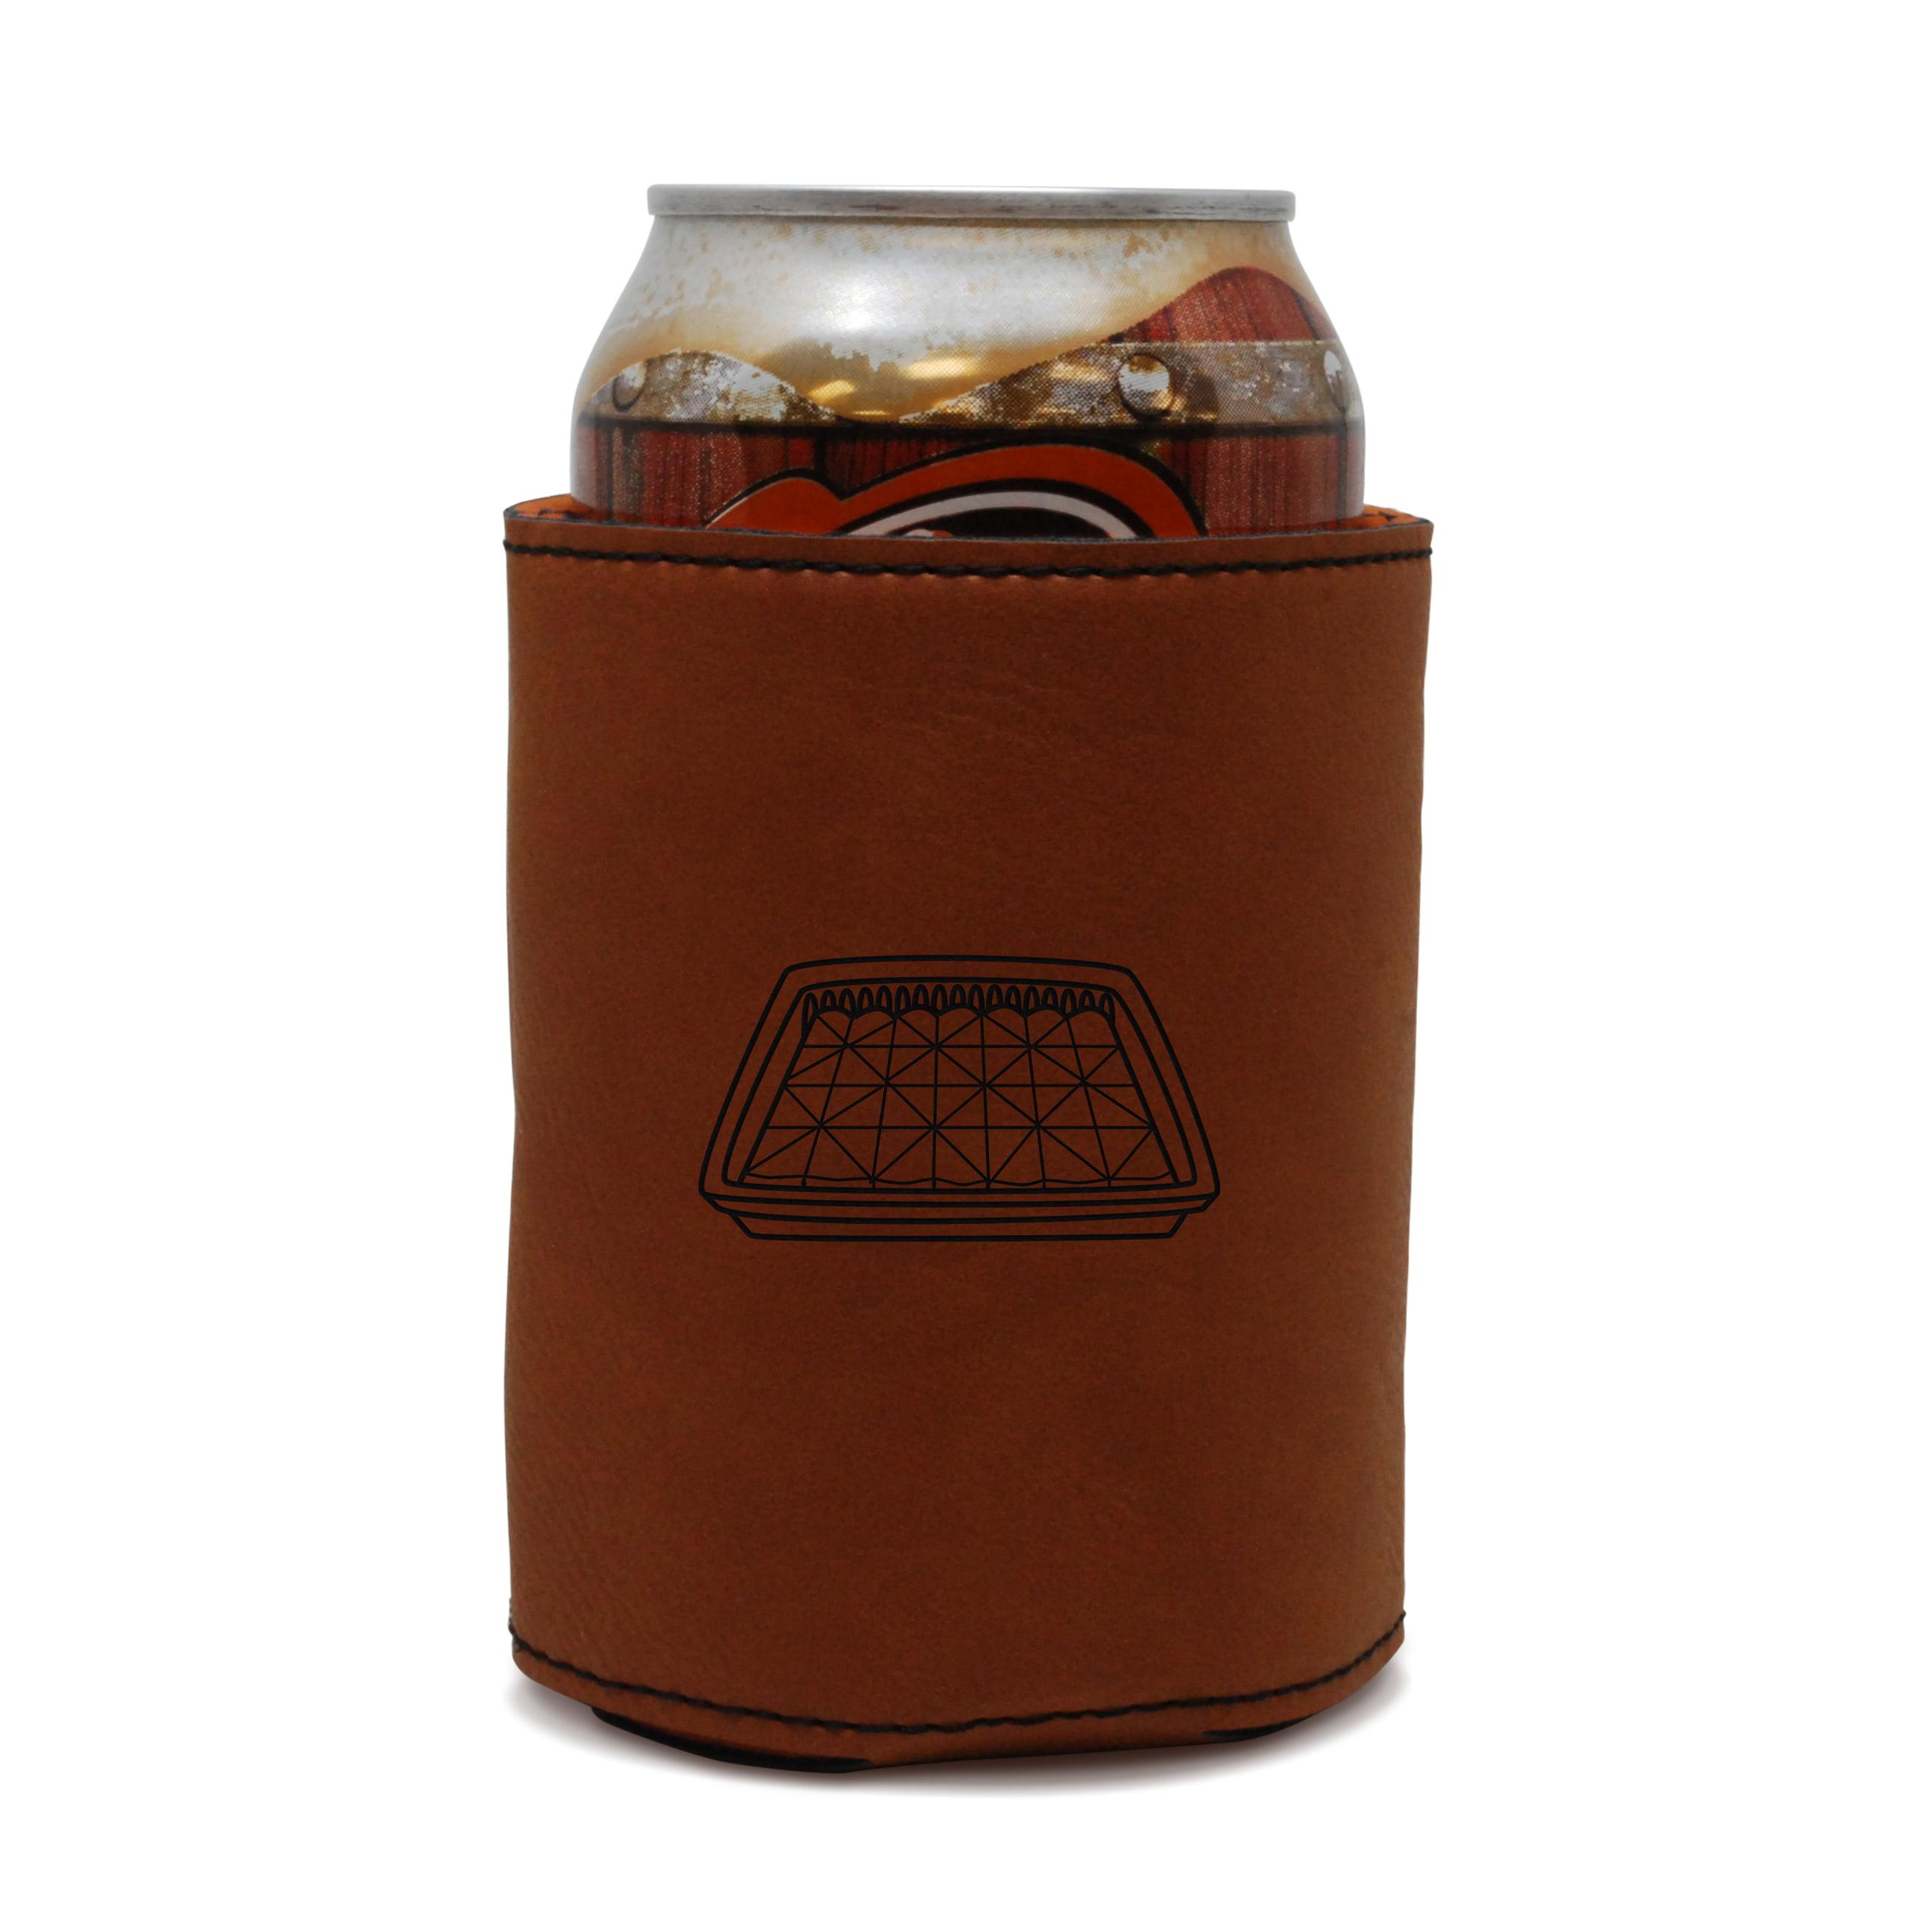 Baklava Leather Can Sleeve, Beer Sleeve, Beer Cooler, Beer Hugger by BigSpool Distributors